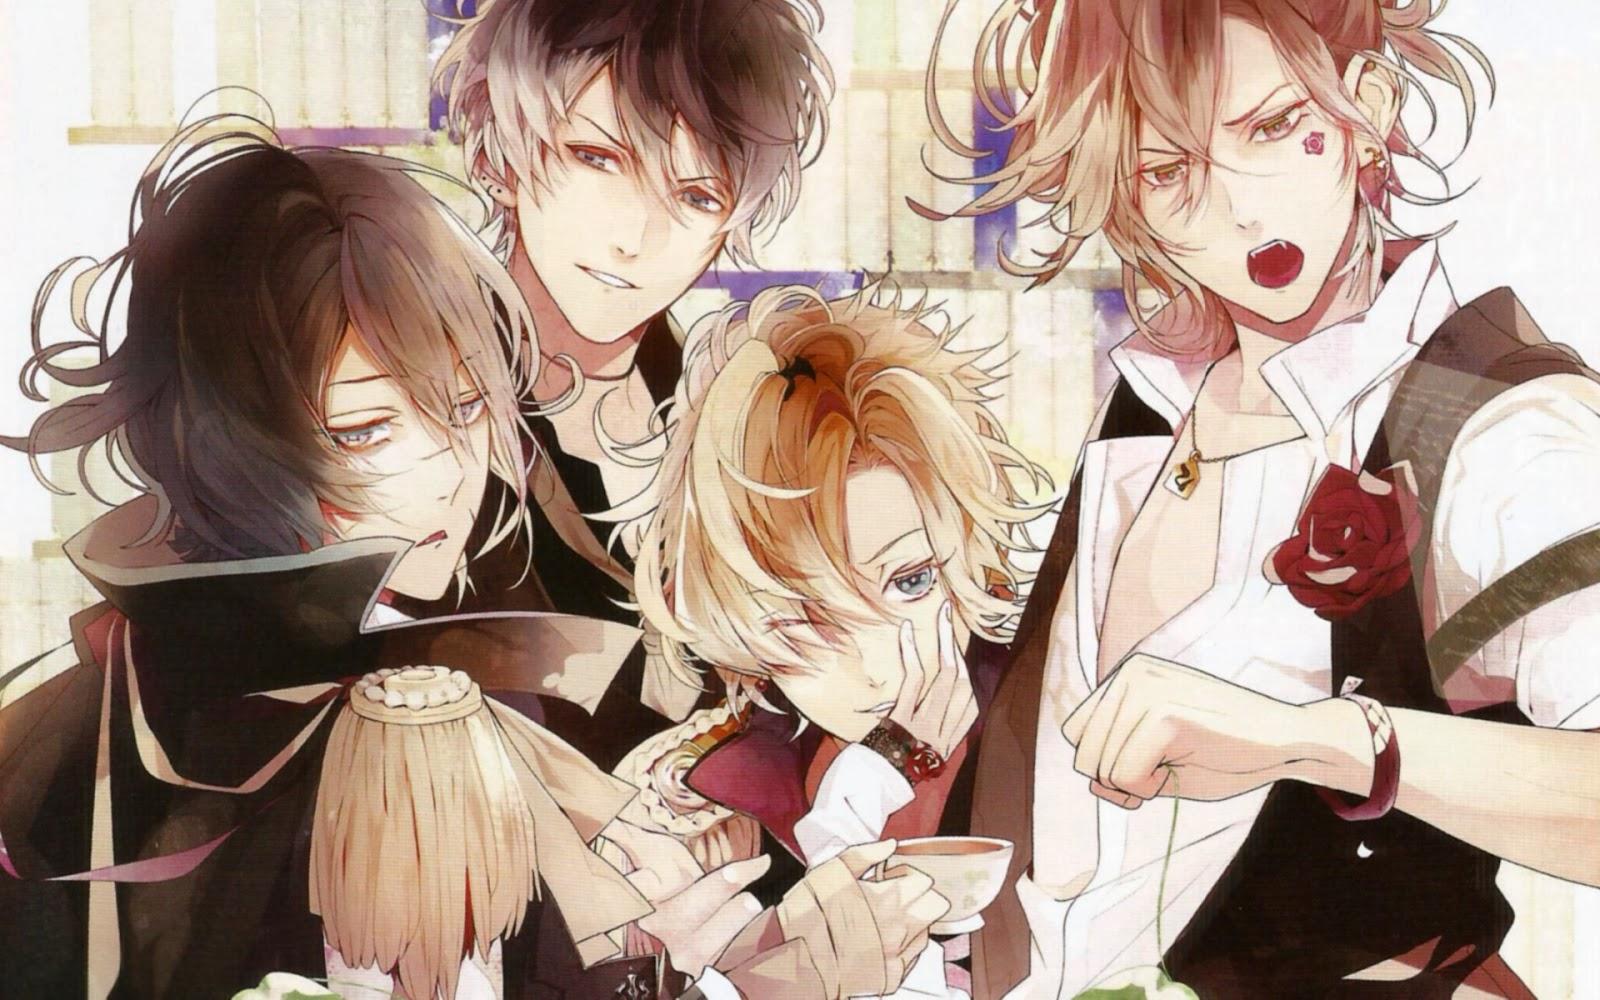 Pada Bulan September Lalu Visual Novel Diabolik Lovers Menambah 4 Karakter Baru Yaitu Dari Keluarga Mukami Ke Tersebut Adalah Ruki Kou Yuma